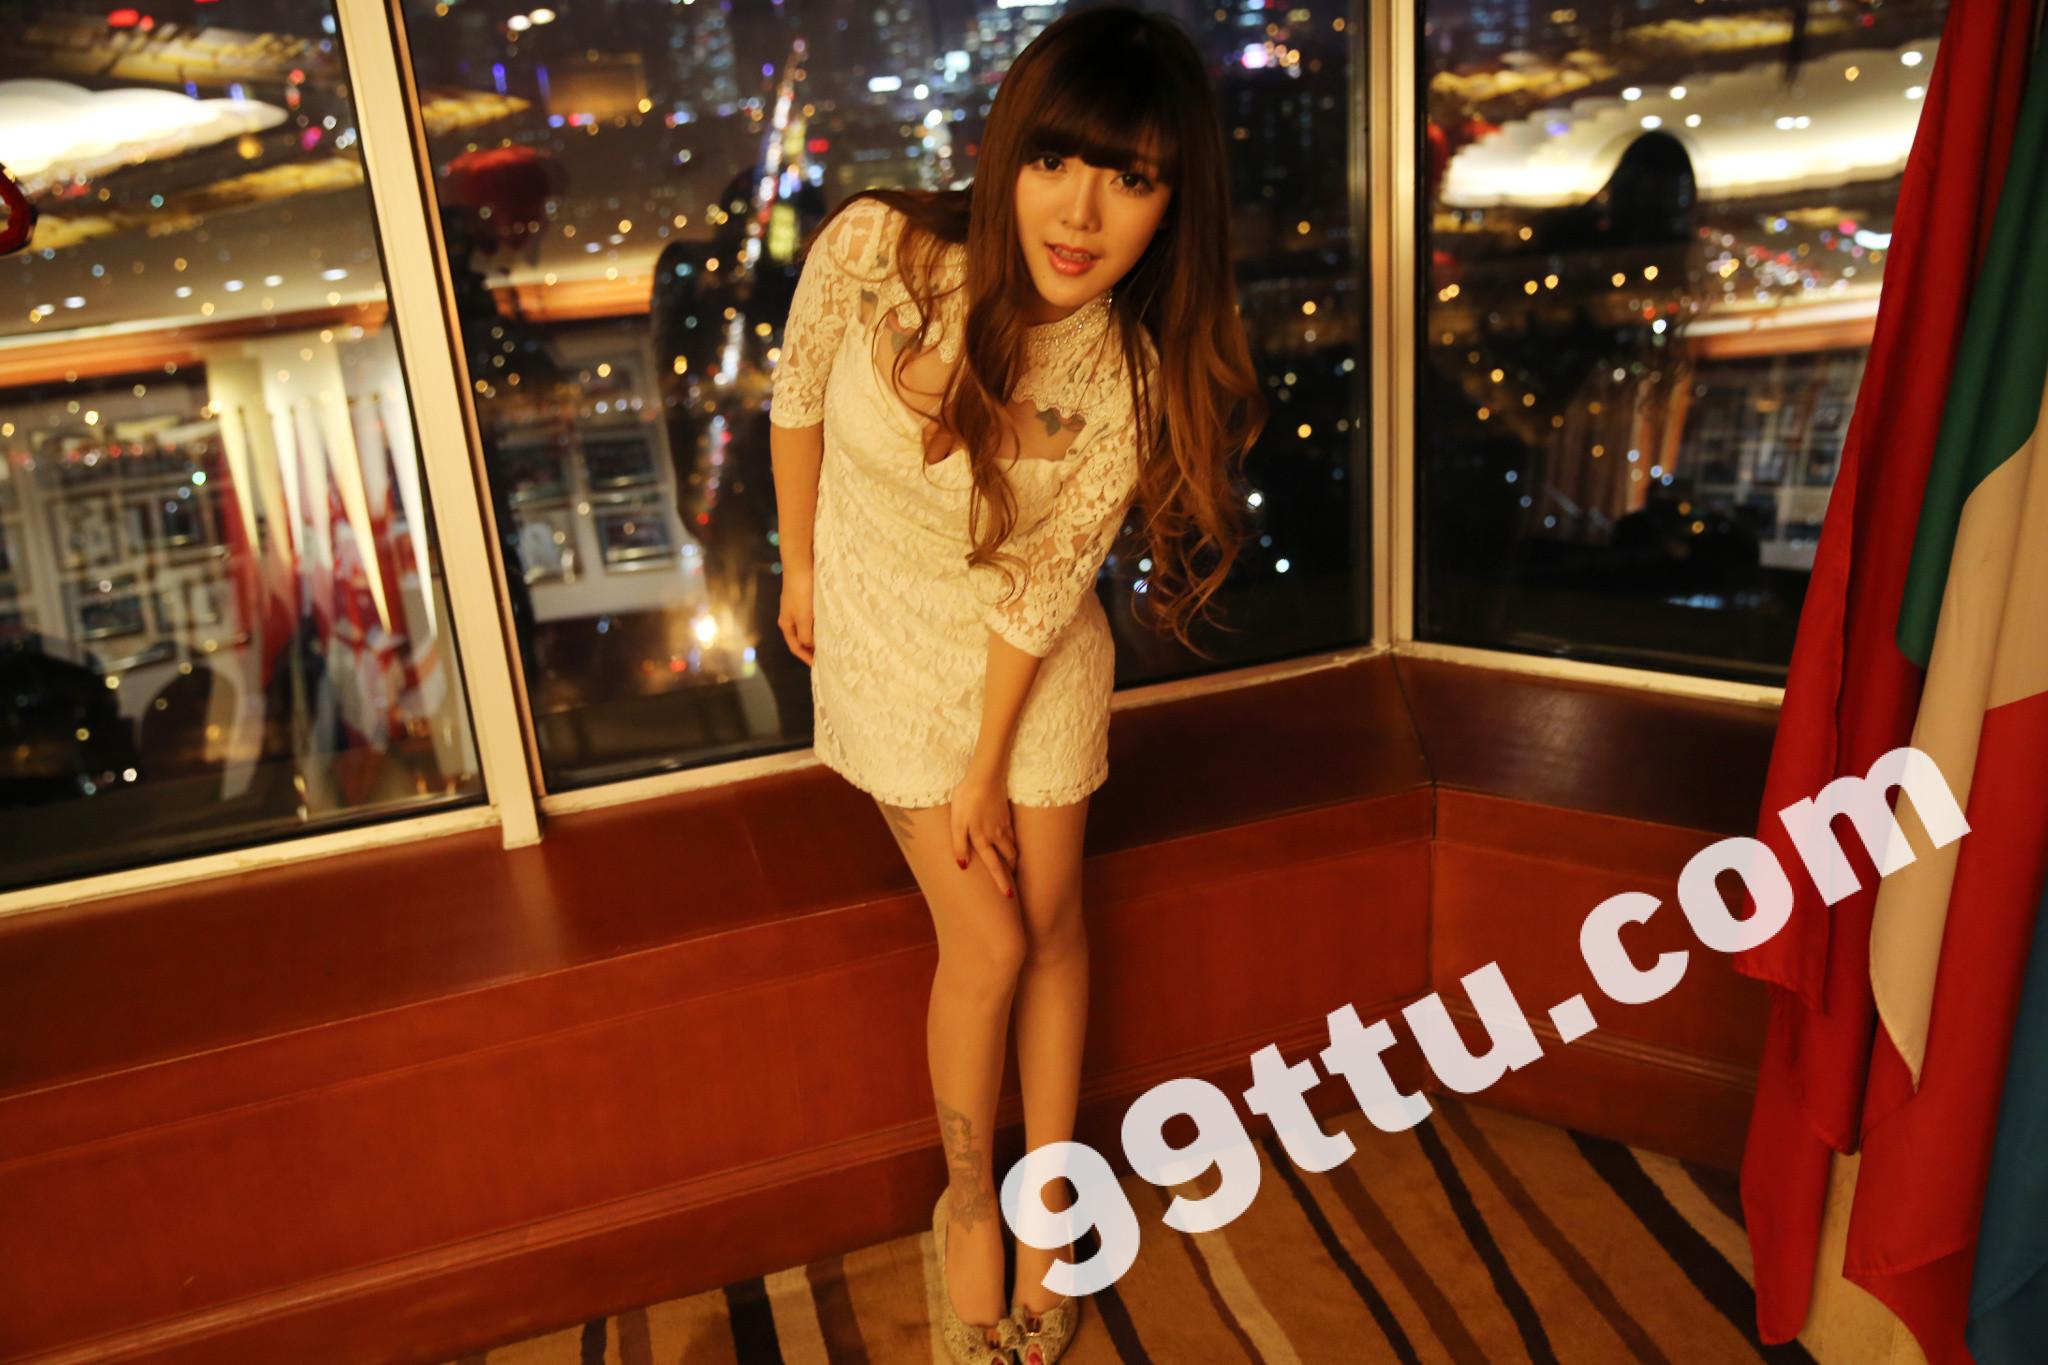 ZZ04_1868图 美腿带纹身好身材美女生活照素材套图-14